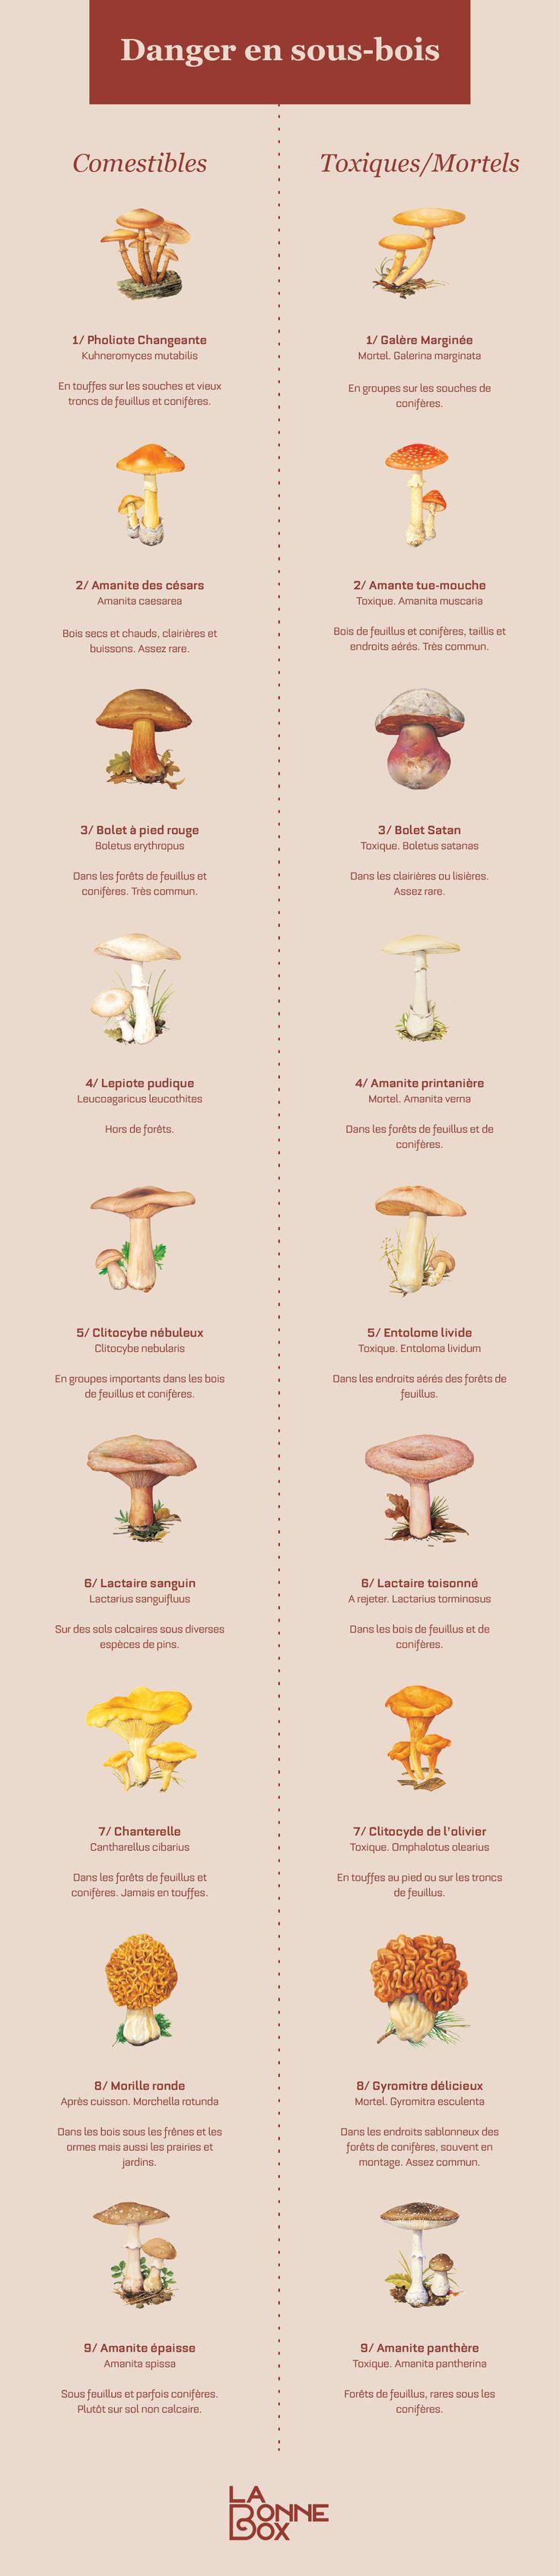 Infographie Les champignons vénéneux